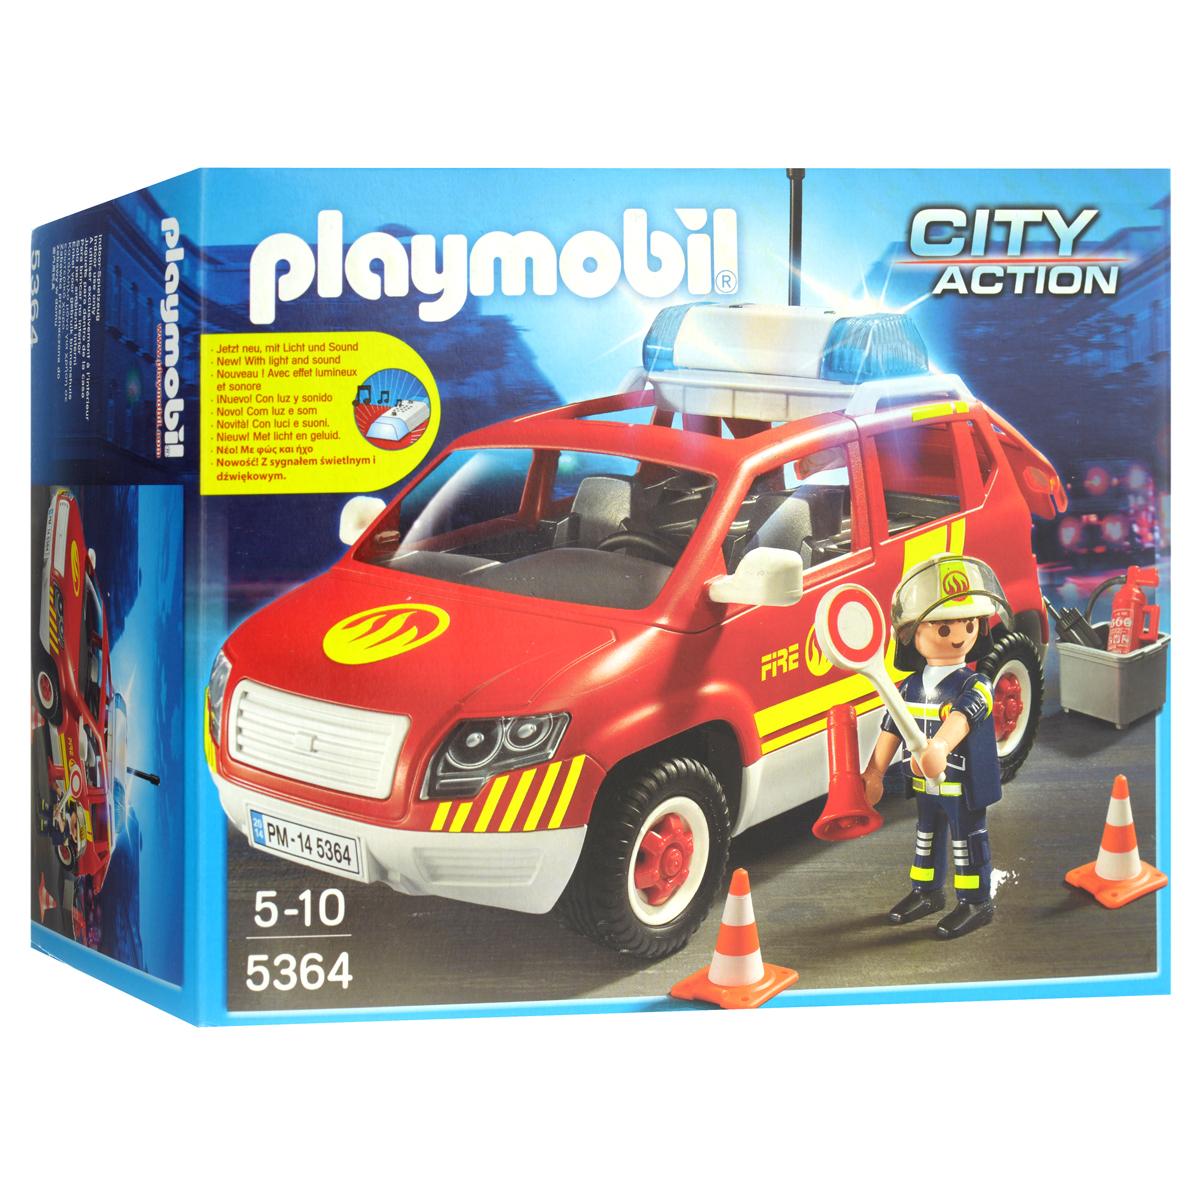 Playmobil Игровой набор Пожарная машина командира, со световыми и звуковыми эффектами5364pmИгровой набор Playmobil Пожарная машина командира понравится вашему малышу и надолго увлечет его. В комплект входят: фигурка пожарного, автомобиль, а также множество разнообразных аксессуаров, которые сделают игру еще интереснее. Элементы набора выполнены из прочного пластика ярких цветов. Руки и голова фигурки подвижны, а благодаря специальной форме ручек, она может держать различные небольшие предметы, входящие в набор. Командиру пожарников все дают дорогу, ведь его машина оснащена сиреной и мигалкой. Командир может перекрыть движение и отдавать команды через мегафон. Автомобиль оснащен звуковыми и световыми эффектами - при нажатии на кнопки на крыше раздастся звук сирены и замигают сигнальные огни. Игры с таким набором позволят ребенку весело провести время, а также помогут развить мелкую моторику пальчиков, внимательность и воображение. Порадуйте своего малыша такой чудесной игрушкой! Необходимо докупить 1 батарейку напряжением 1,5V типа ААА (в...